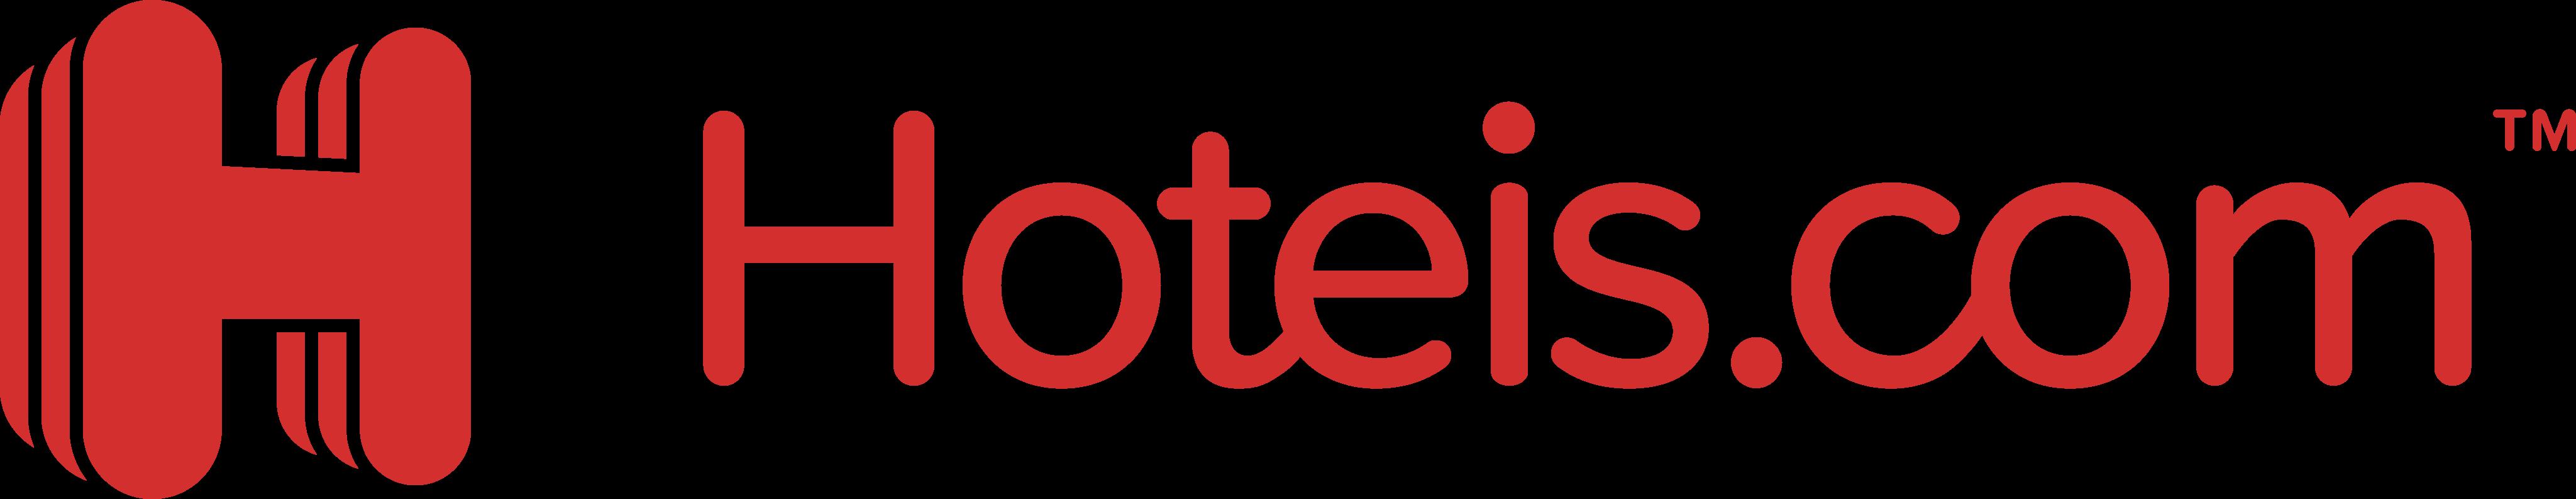 Hoteis.com Logo.